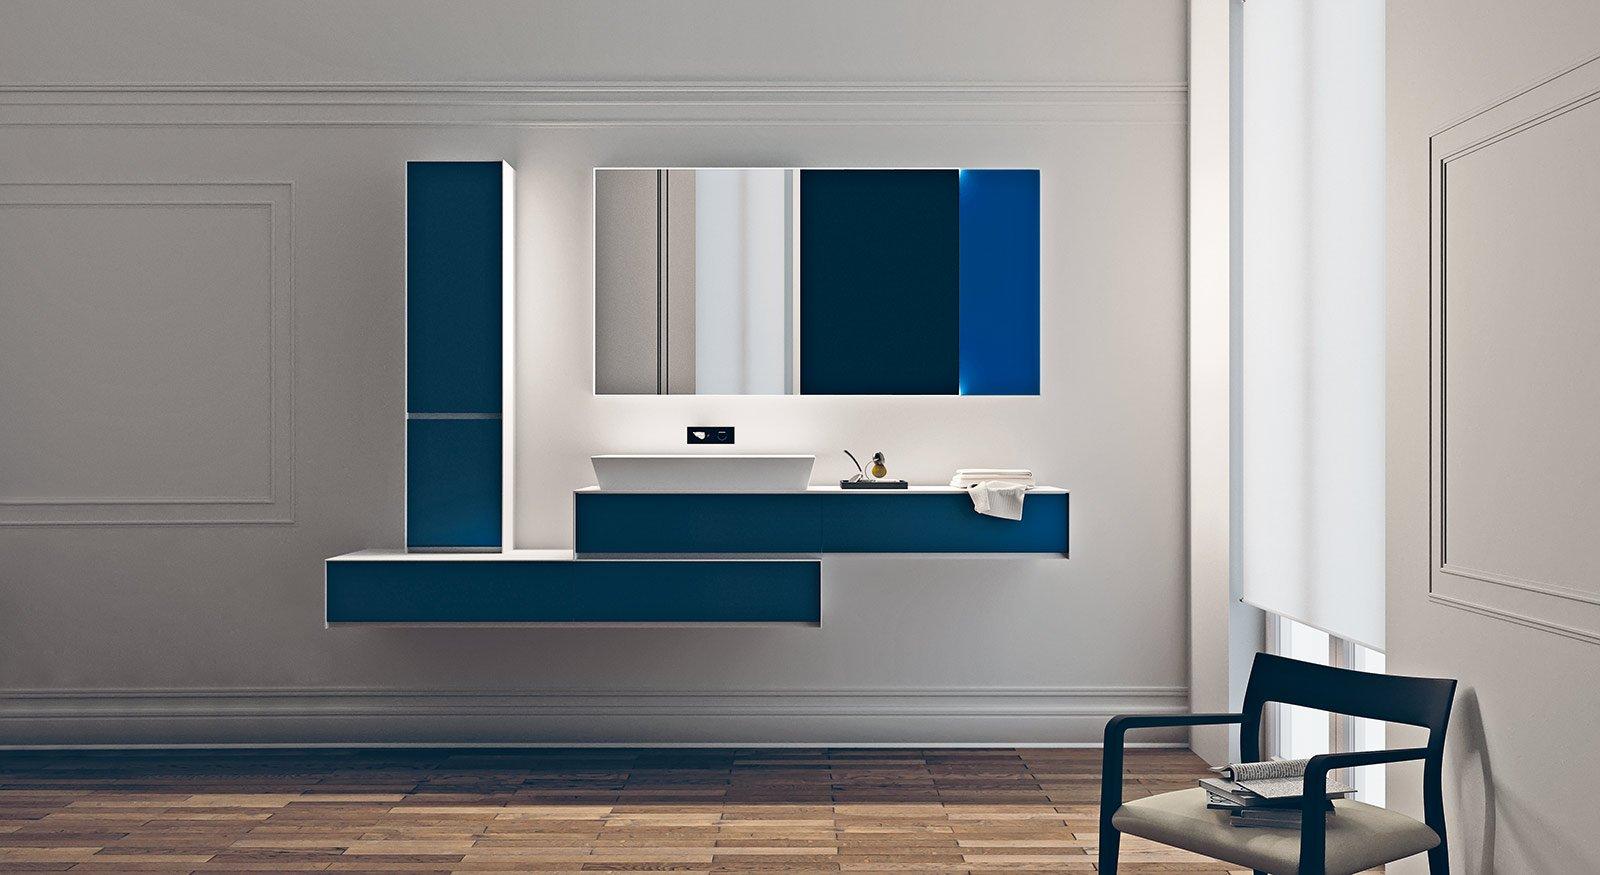 Bagno blu un classico reso attuale cose di casa - Mobili bagno blu ...